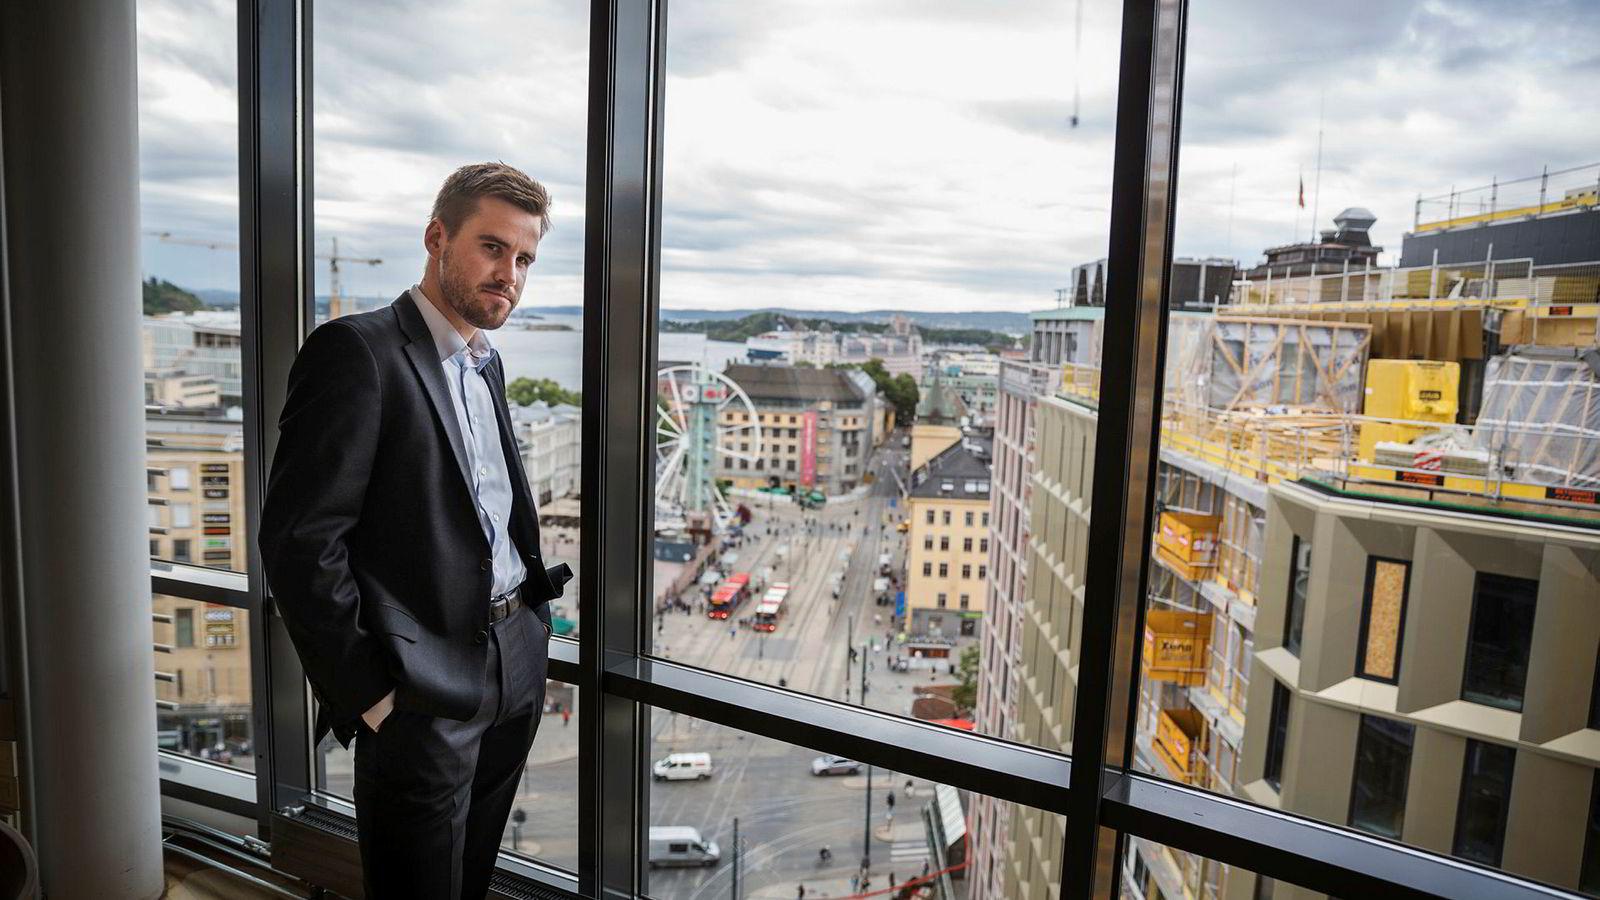 Axel Dammann har overtatt 30 prosent av den norske nettbaserte aksjemeglingstjenesten Netfonds etter faren, gründeren Rolf Dammann, og jobber nå i Netfonds-konsernet. Hans to søstre arvet like mye.